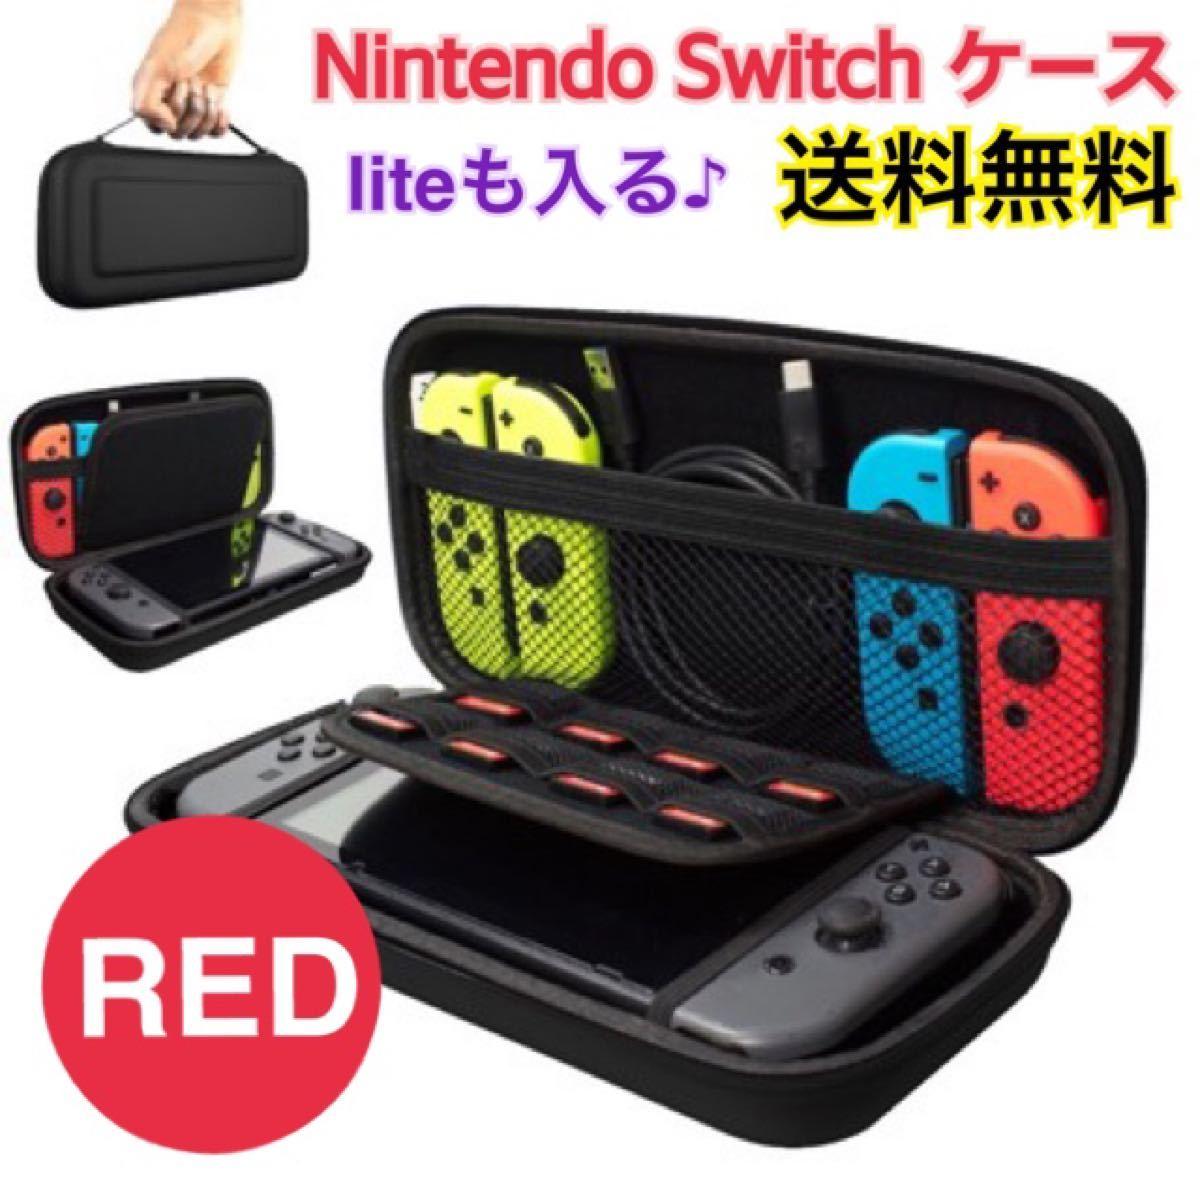 ニンテンドー スイッチ ケース 赤 switch lite ライト